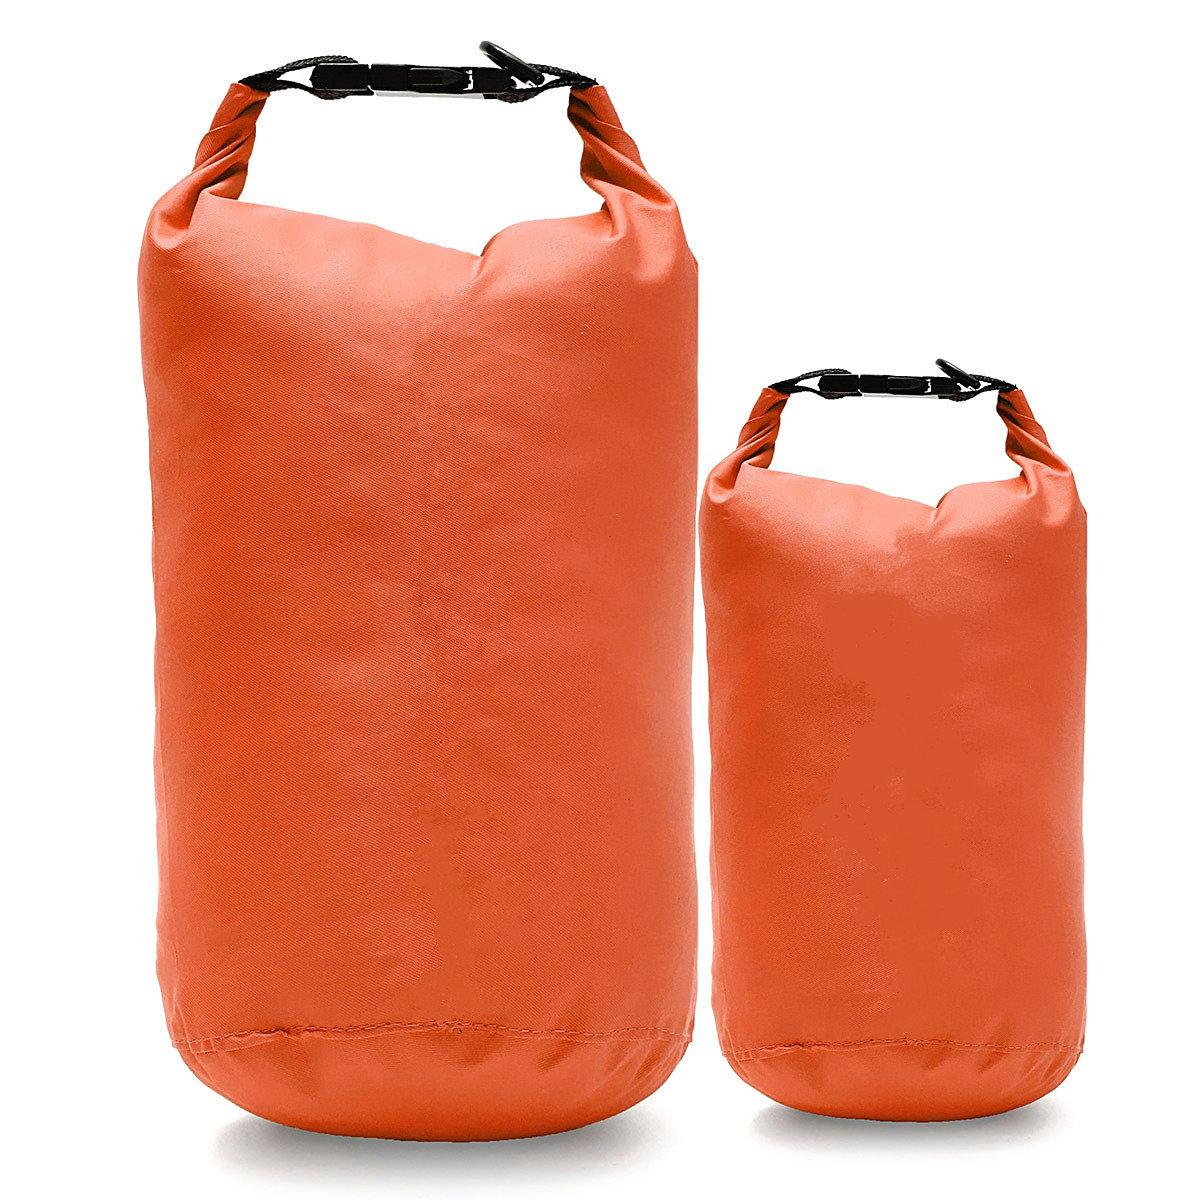 आईपीआरआई ™ 2-5L यात्रा निविड़ अंधकार सूखी थैली पाउच बहाव तैराकी राफ्टिंग स्टोरेज पैक कयाकिंग कैम्पिंग